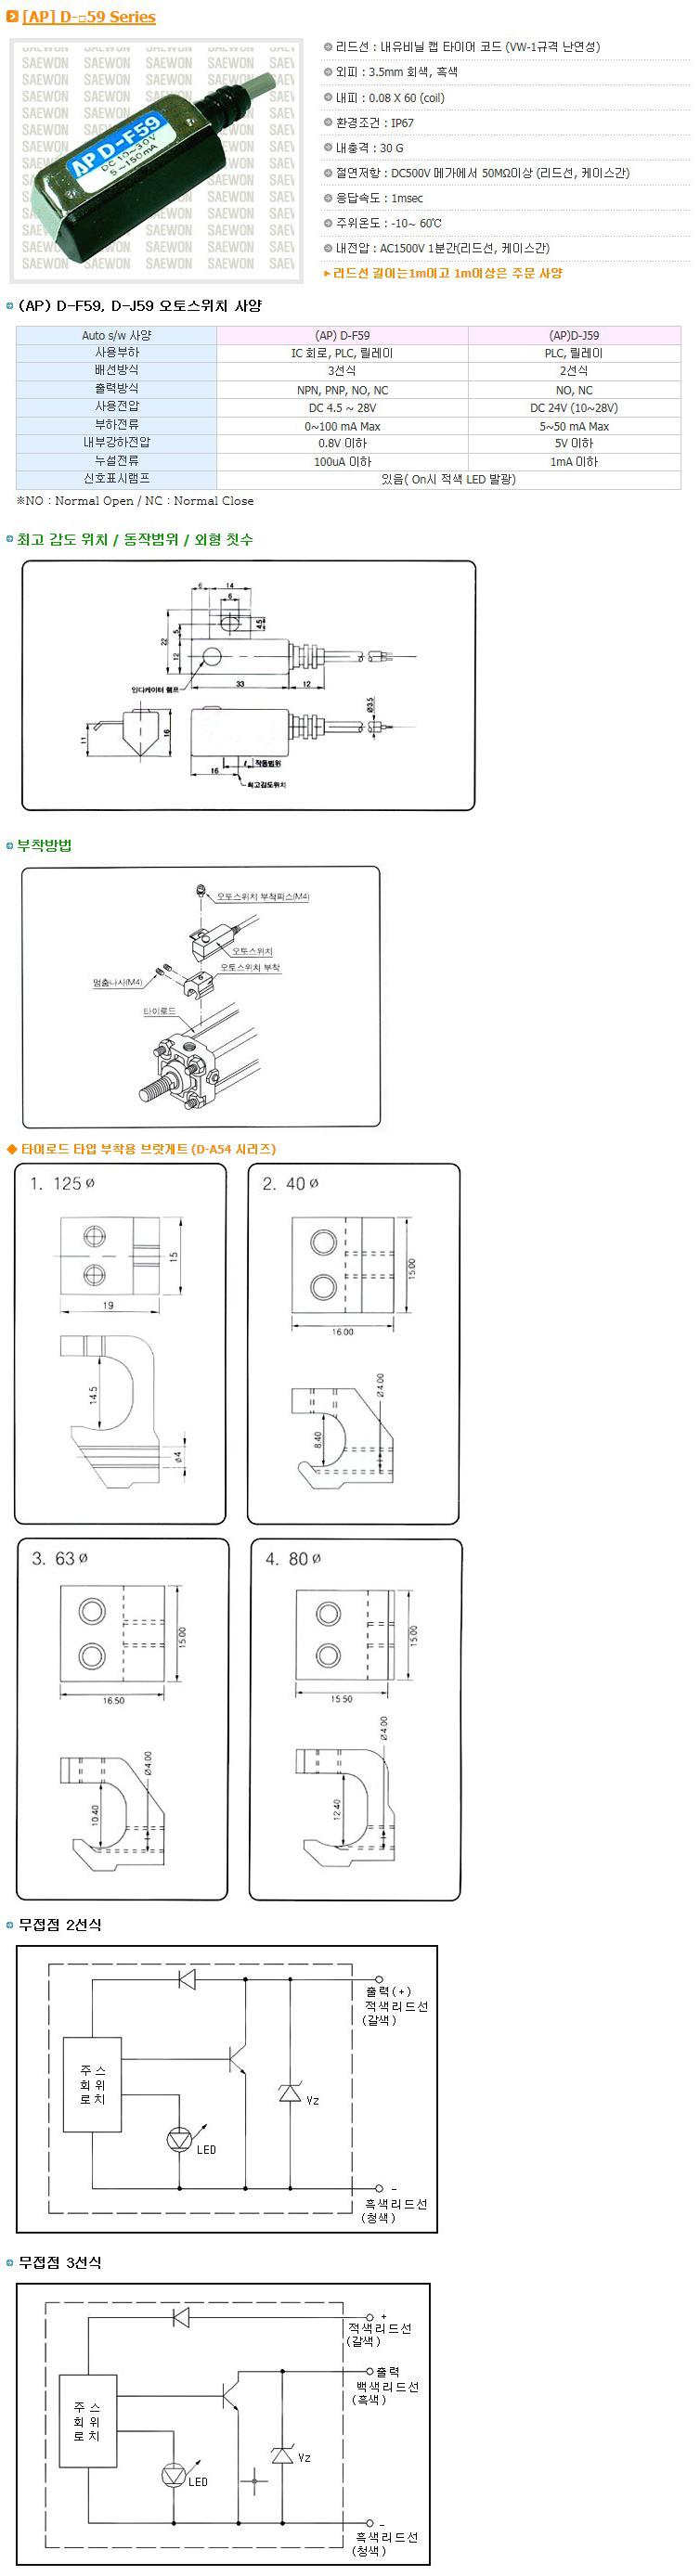 (주)세원정밀전자 무접점 AP D-59 Series 1